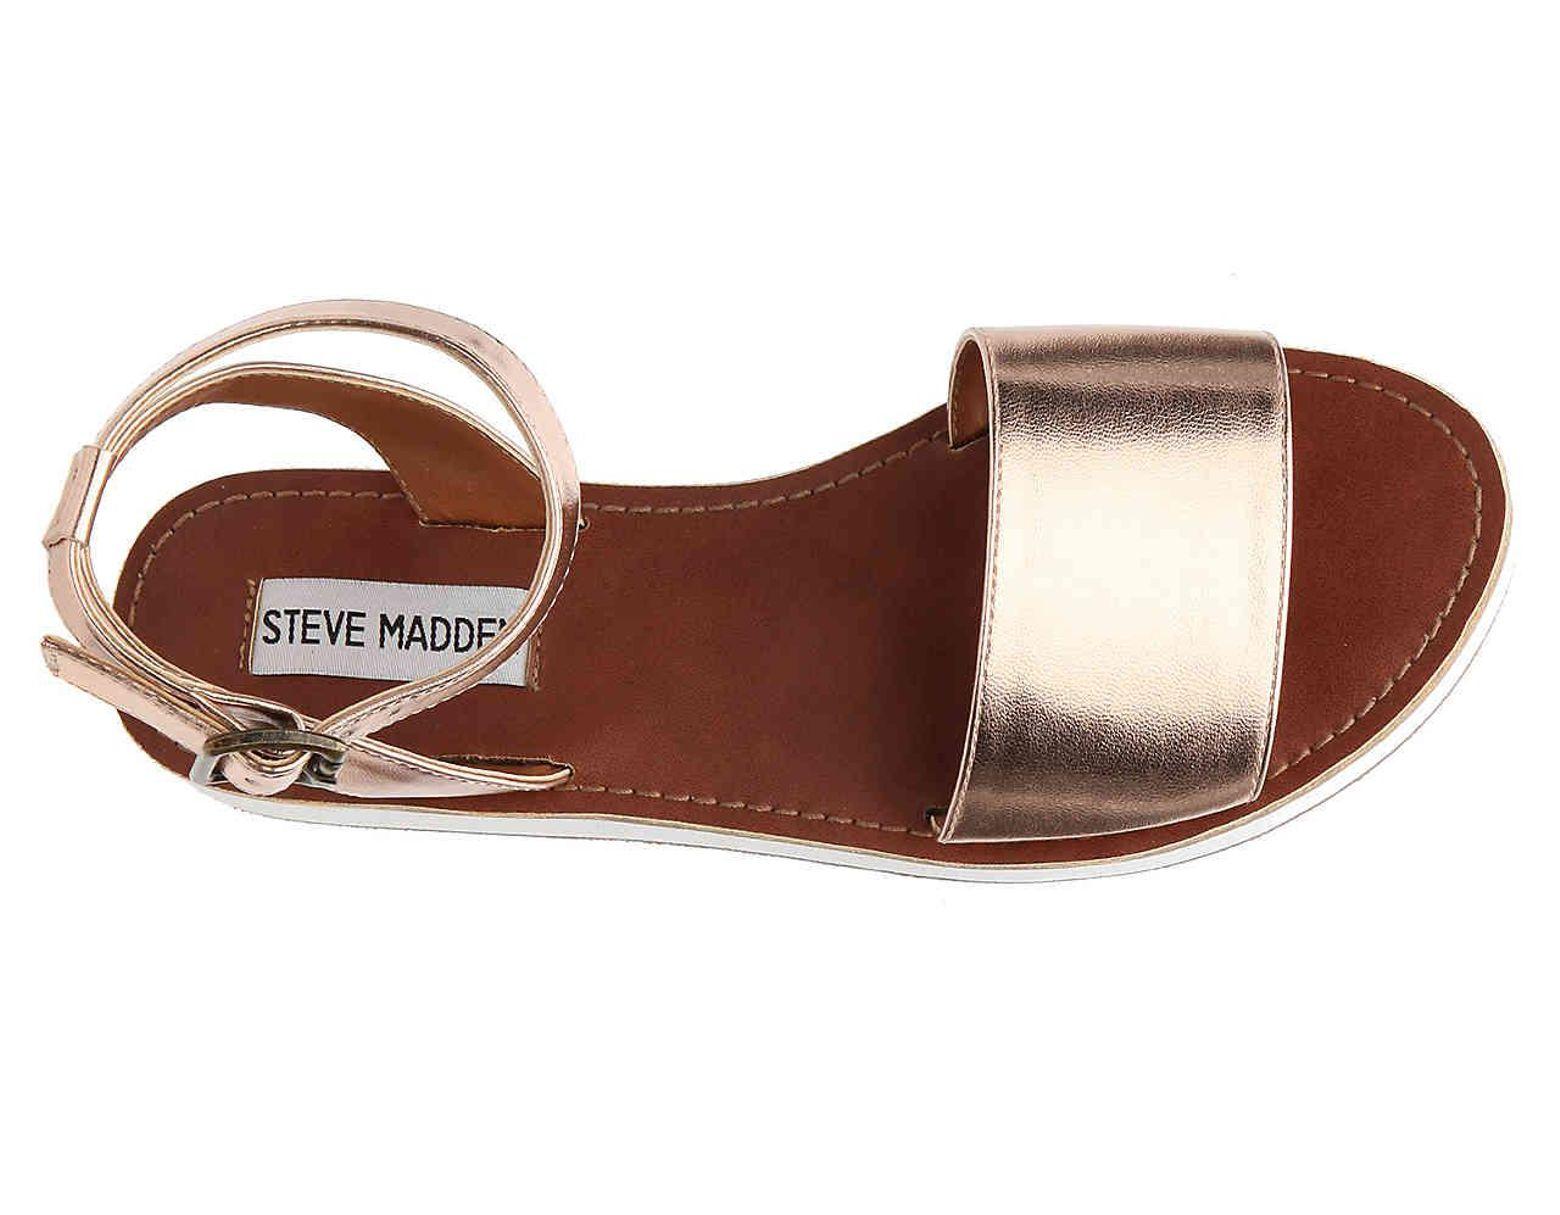 6807d1f3c37 Steve Madden Miley Wedge Sandal - Lyst